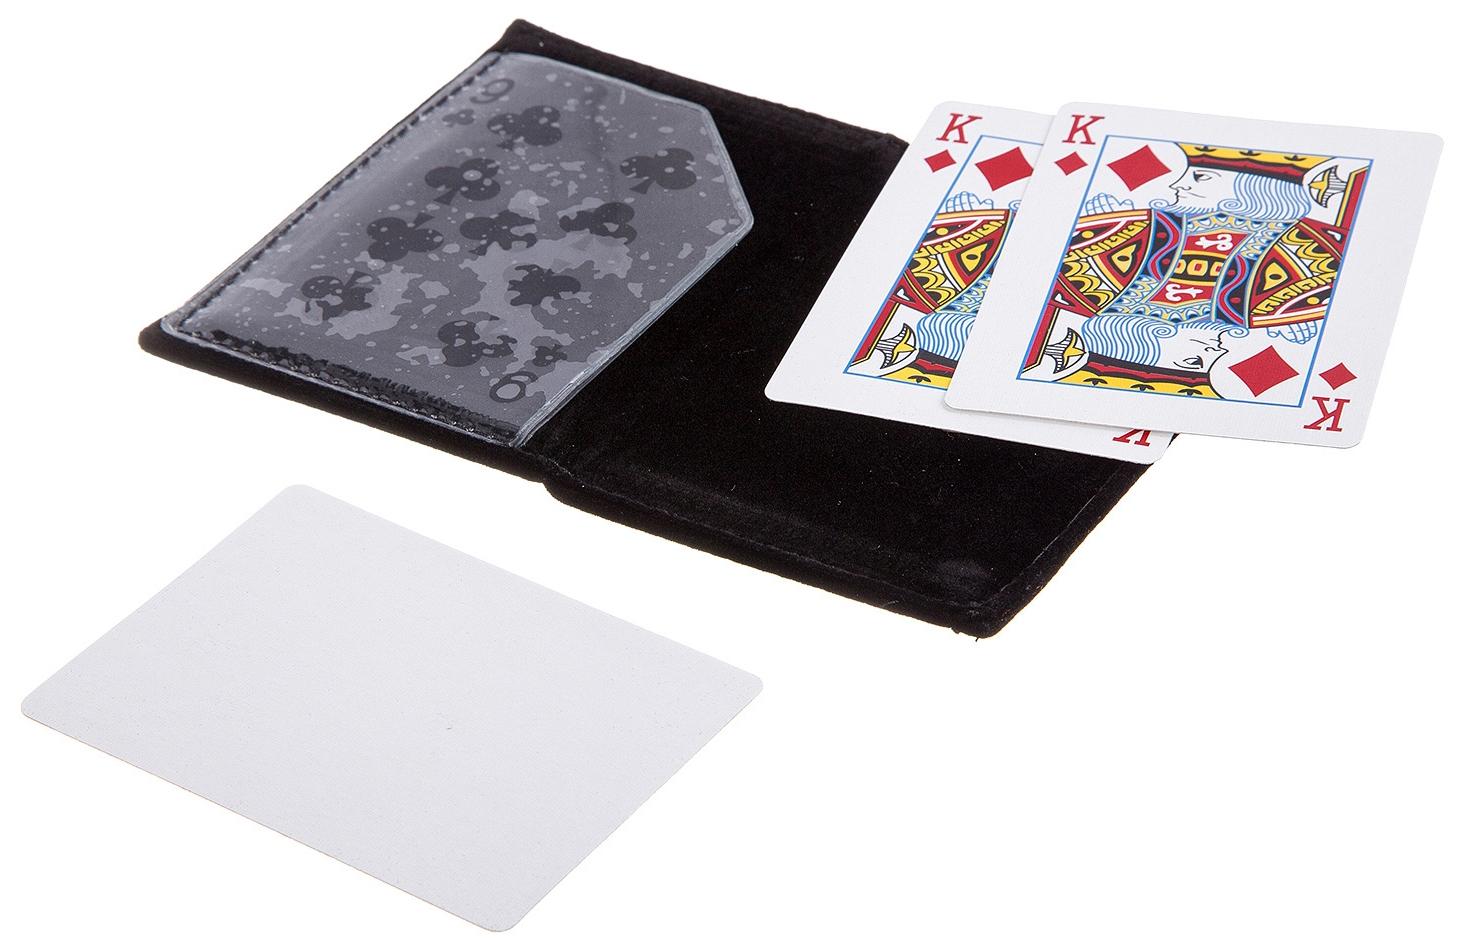 Купить Фокусы от Bondibon, Магический складной чехол, арт 21028, Наборы для фокусов